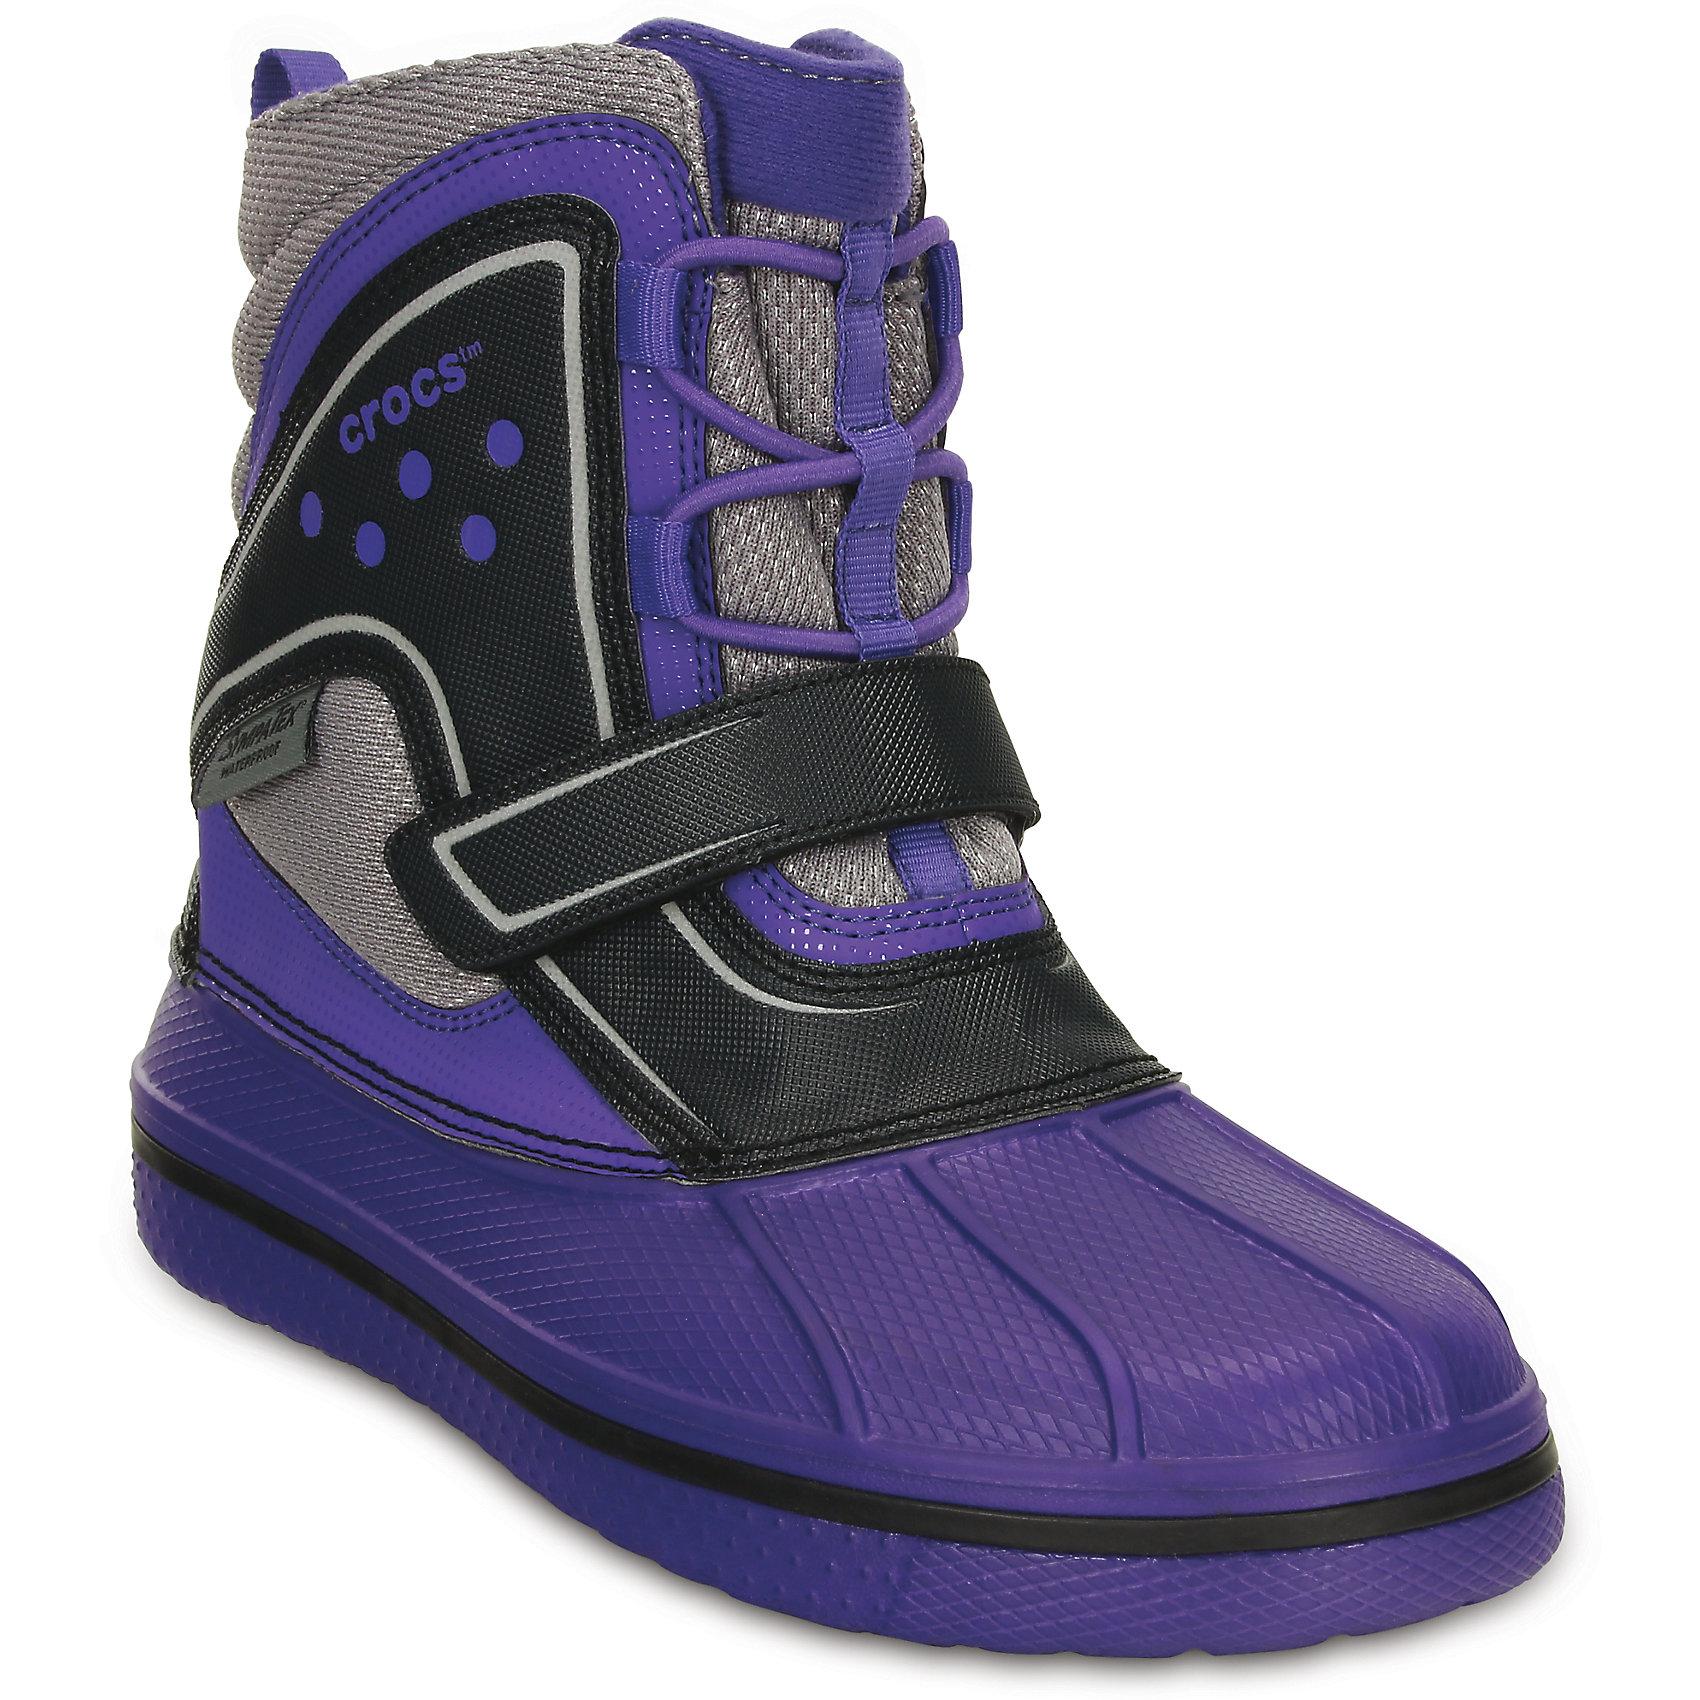 Ботинки CrocsИ в мороз, и в слякоть – в любых условиях и вопреки любым прогнозам синоптиков в этих ботинках ноги останутся сухими и теплыми! Использование мембраны Sympatex® делает их на 100% водонепроницаемыми. Мембрана позволяет обуви «дышать», предохраняет от намокания и сохраняет ноги сухими и теплыми. Верх из искусственной кожи, полностью литая основа из материала Croslite™ для легкости и мягкости при ходьбе. Модель на шнуровке для оптимальной фиксации. Подкладка из материала Thinsulate™ сохранит тепло. Накат из резины на подошве для большей устойчивости. Наличие светоотражающих элементов. Эластичные шнурки облегчат надевание. Глухой язычок предотвращает попадание воды внутрь, а липучки надежно фиксируют ступню. При использовании данной модели необходимо следовать общим рекомендациям по ношению обуви с мембранными материалами.<br><br>Ширина мм: 262<br>Глубина мм: 176<br>Высота мм: 97<br>Вес г: 427<br>Цвет: фиолетовый<br>Возраст от месяцев: 96<br>Возраст до месяцев: 108<br>Пол: Унисекс<br>Возраст: Детский<br>Размер: 32,28,31,26,34,33,30,29,27<br>SKU: 4265671